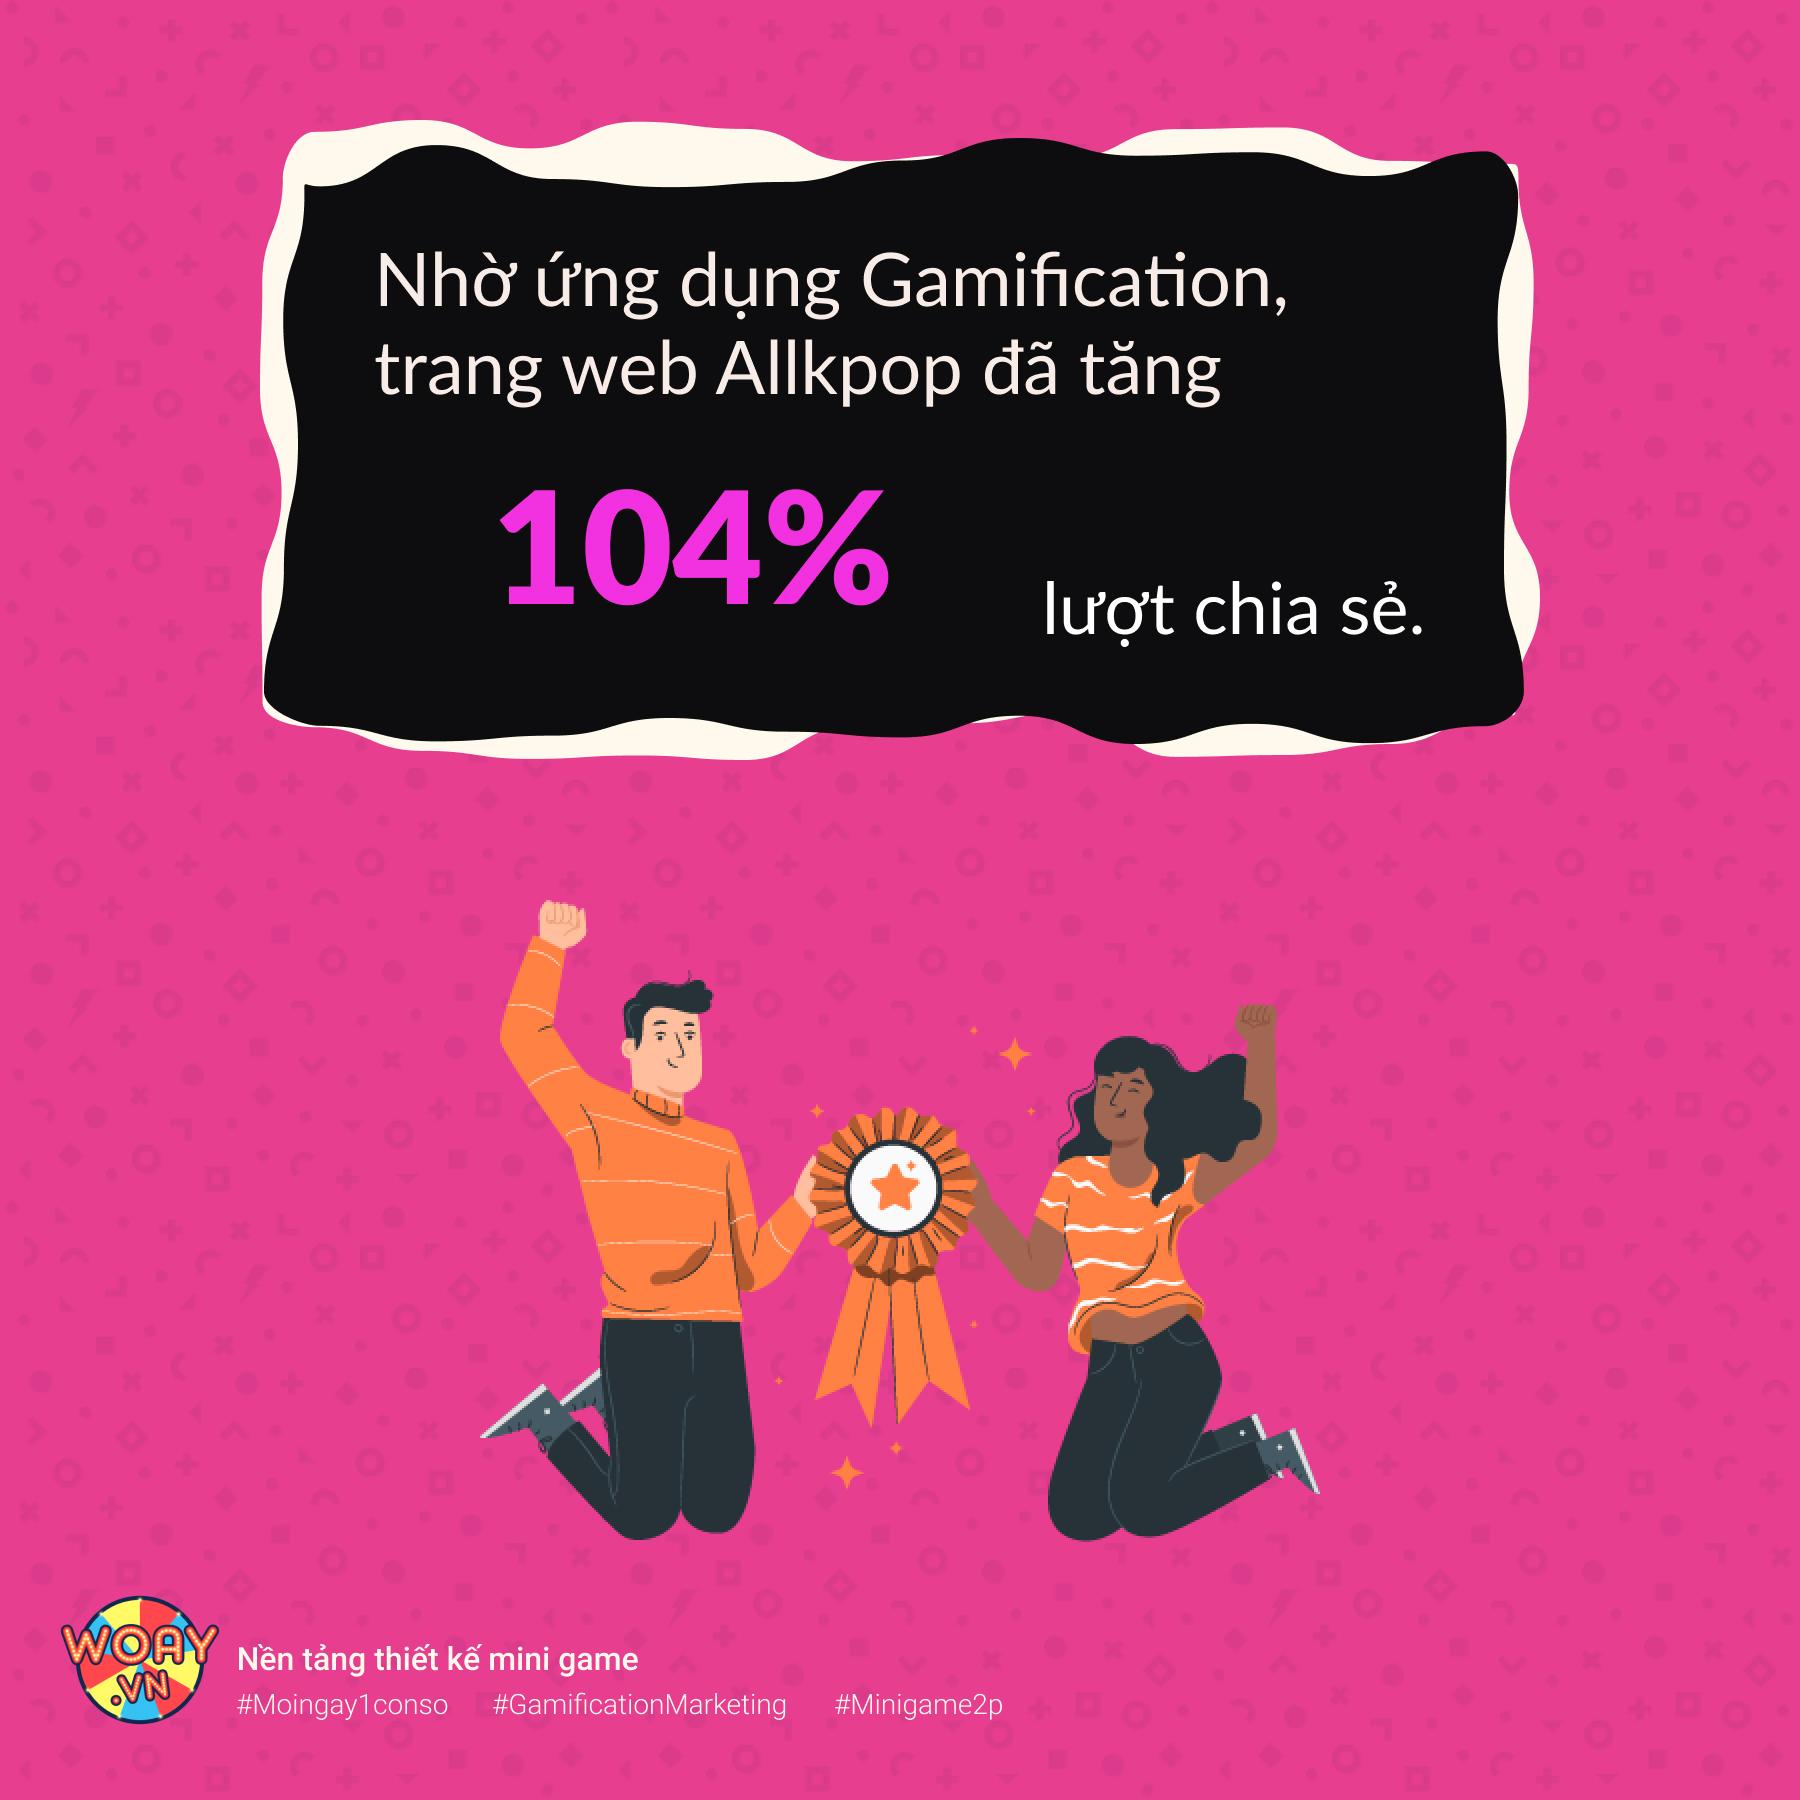 Nhờ ứng dụng Gamification, trang web Allkpop đã tăng 104% lượt chia sẻ